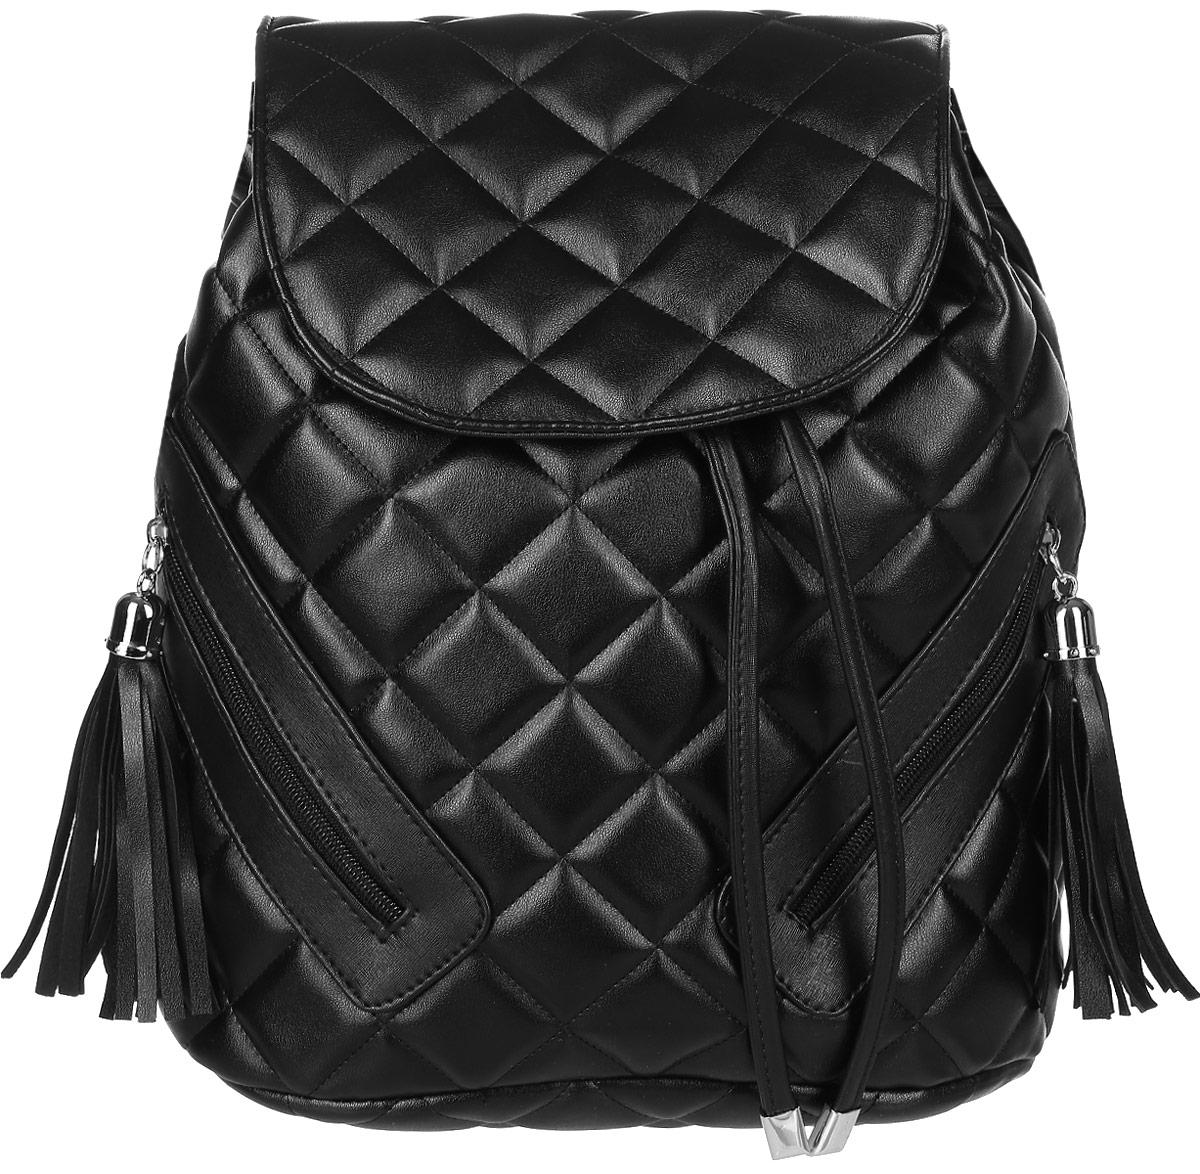 Рюкзак женский Аntan, цвет: черный. 46500650199104650065019910Стильный рюкзак Аntan выполнен из высококачественной искусственной кожи.Изделие спереди оснащено вертикальными карманами, которые закрываются назастежки-молнии. Рюкзак оснащен петлей для подвешивания и удобными лямками,длину которых можно регулировать с помощью пряжек. Изделие закрывается спомощью затягивающегося шнурка и и клапана. Внутри изделие имеет одинкарман на застежке-молнии.